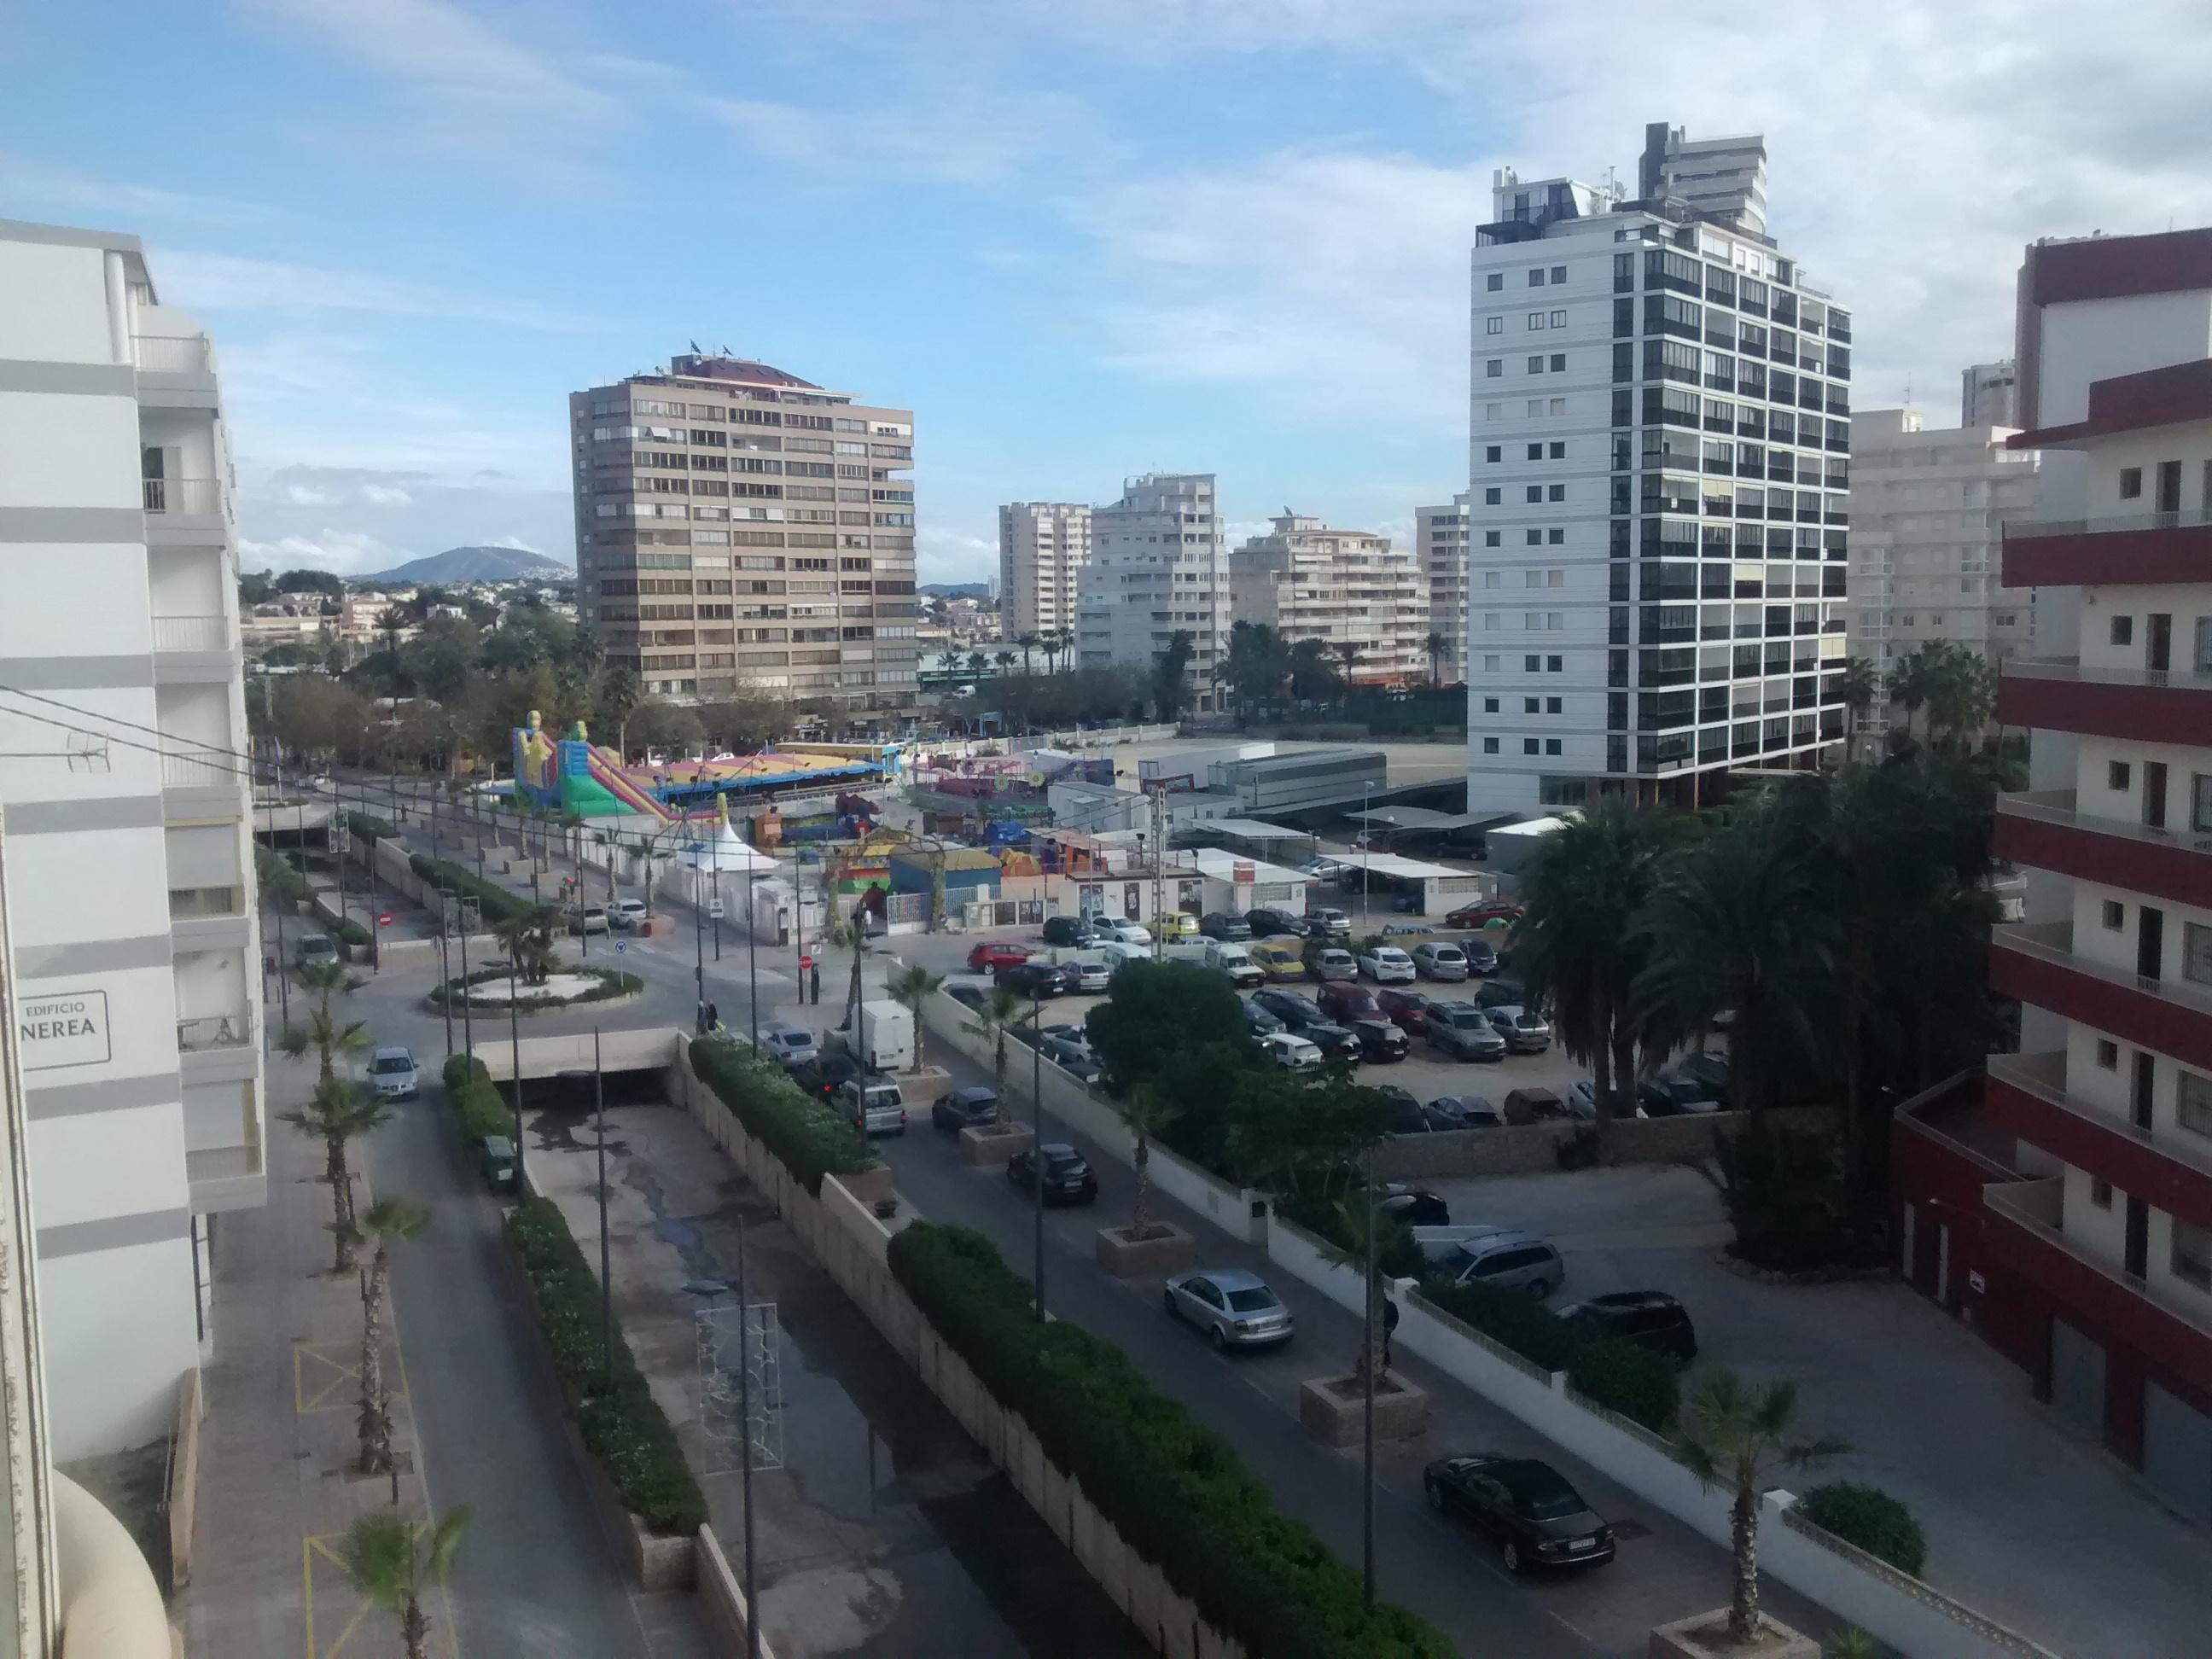 Apartamento arenal v en calpe comprar y vender casa en calp benidorm altea moraira - Compro apartamento en benidorm ...